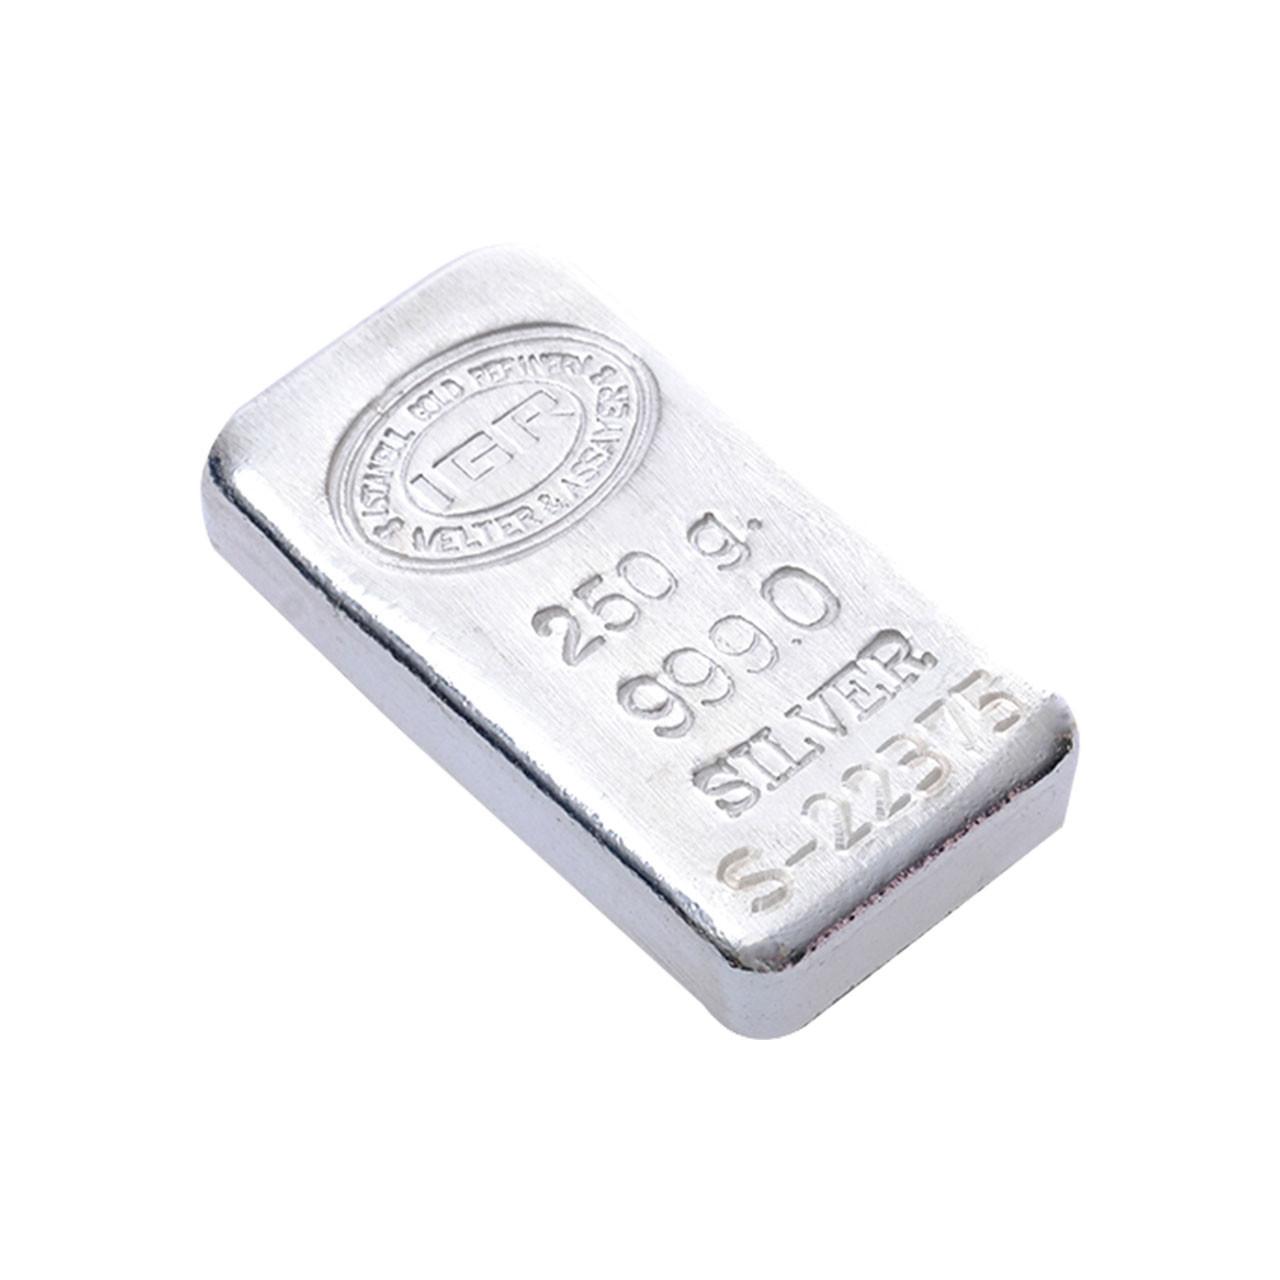 250 Gr İAR Külçe Gümüş